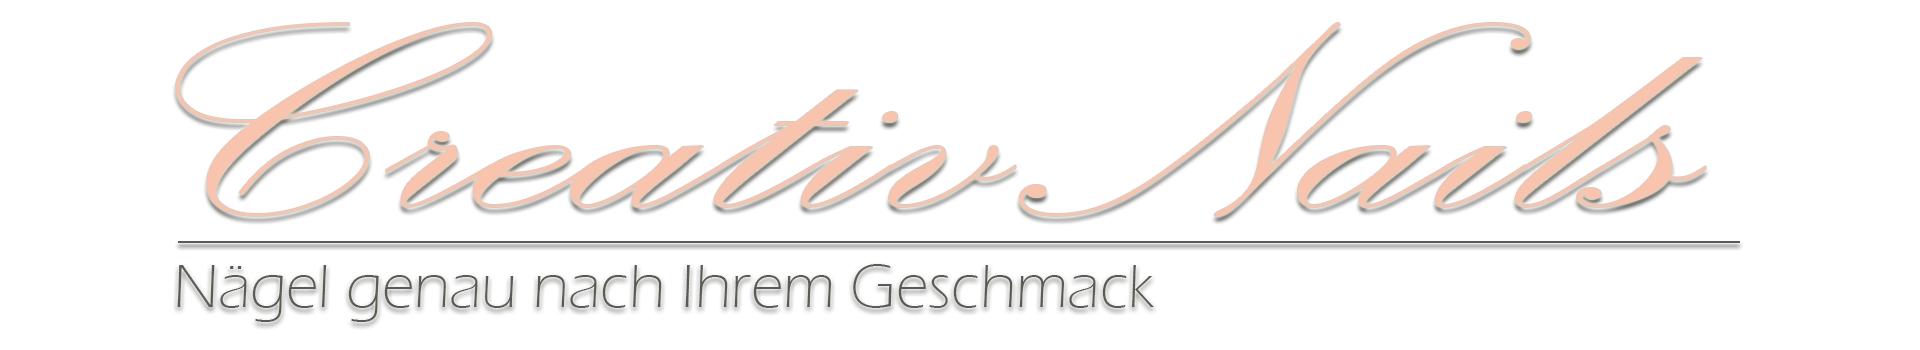 Creativnails Logo